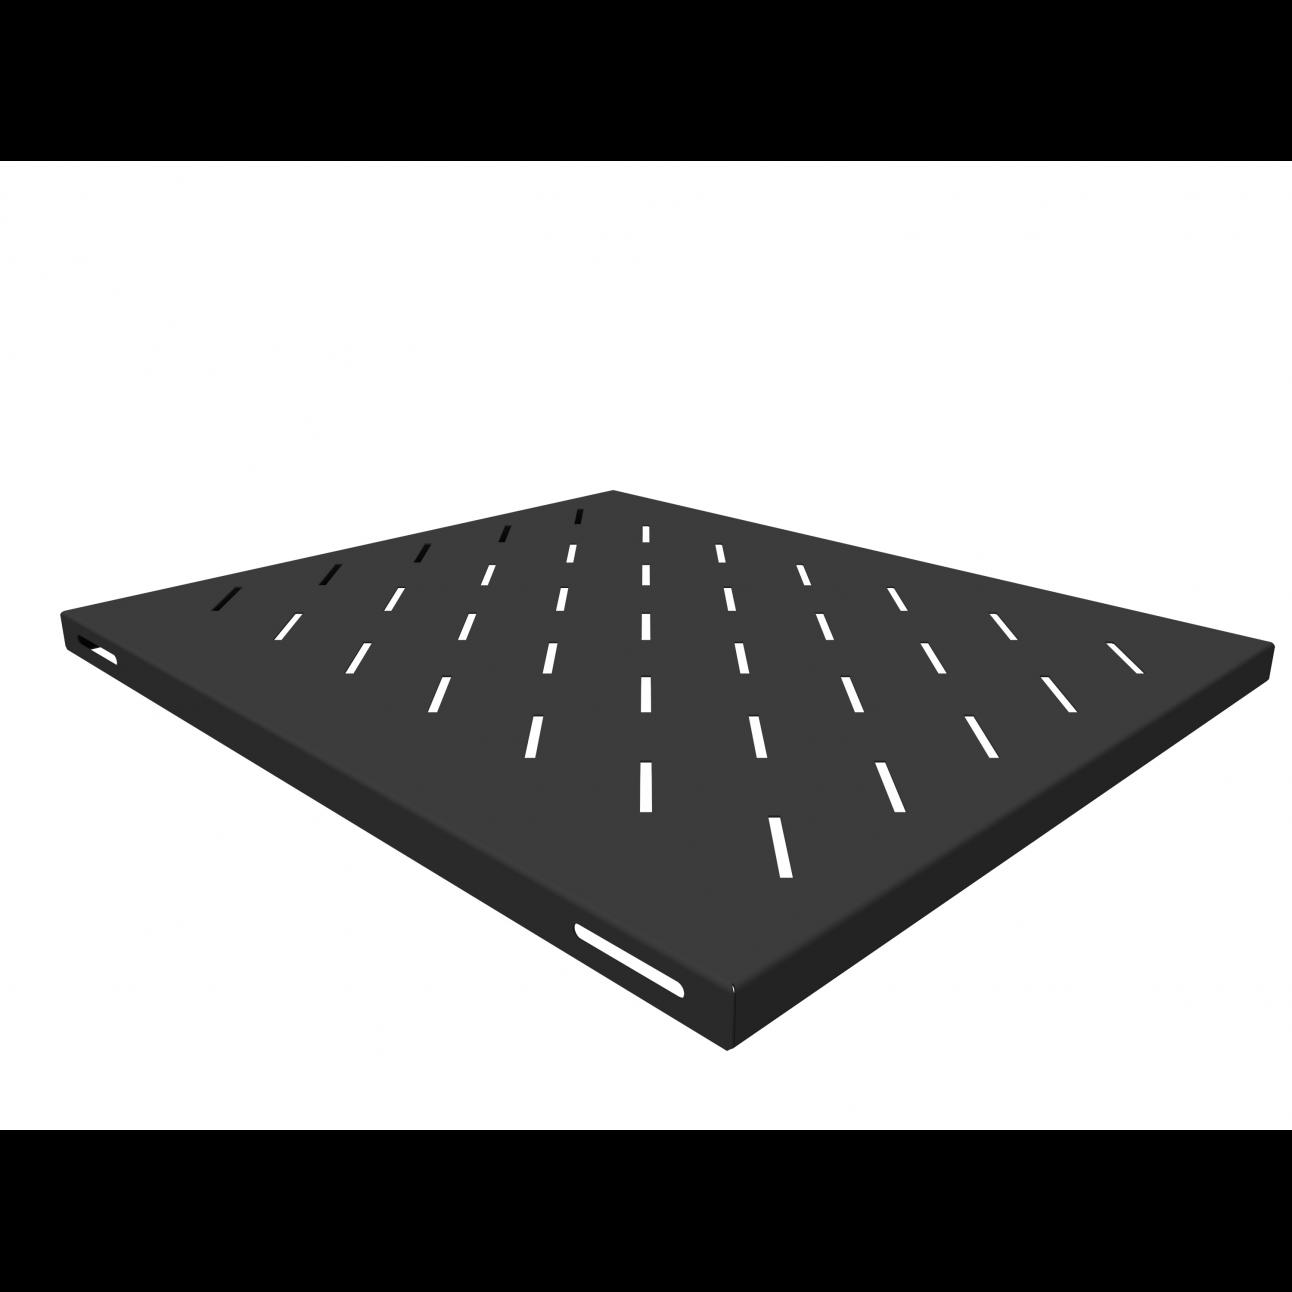 Полка стационарная усиленная для шкафов глубиной 800мм, (глубина полки 550мм) распределенная нагрузка 250кг, цвет-черный (SNR-SHELF-08055-250B) уценка